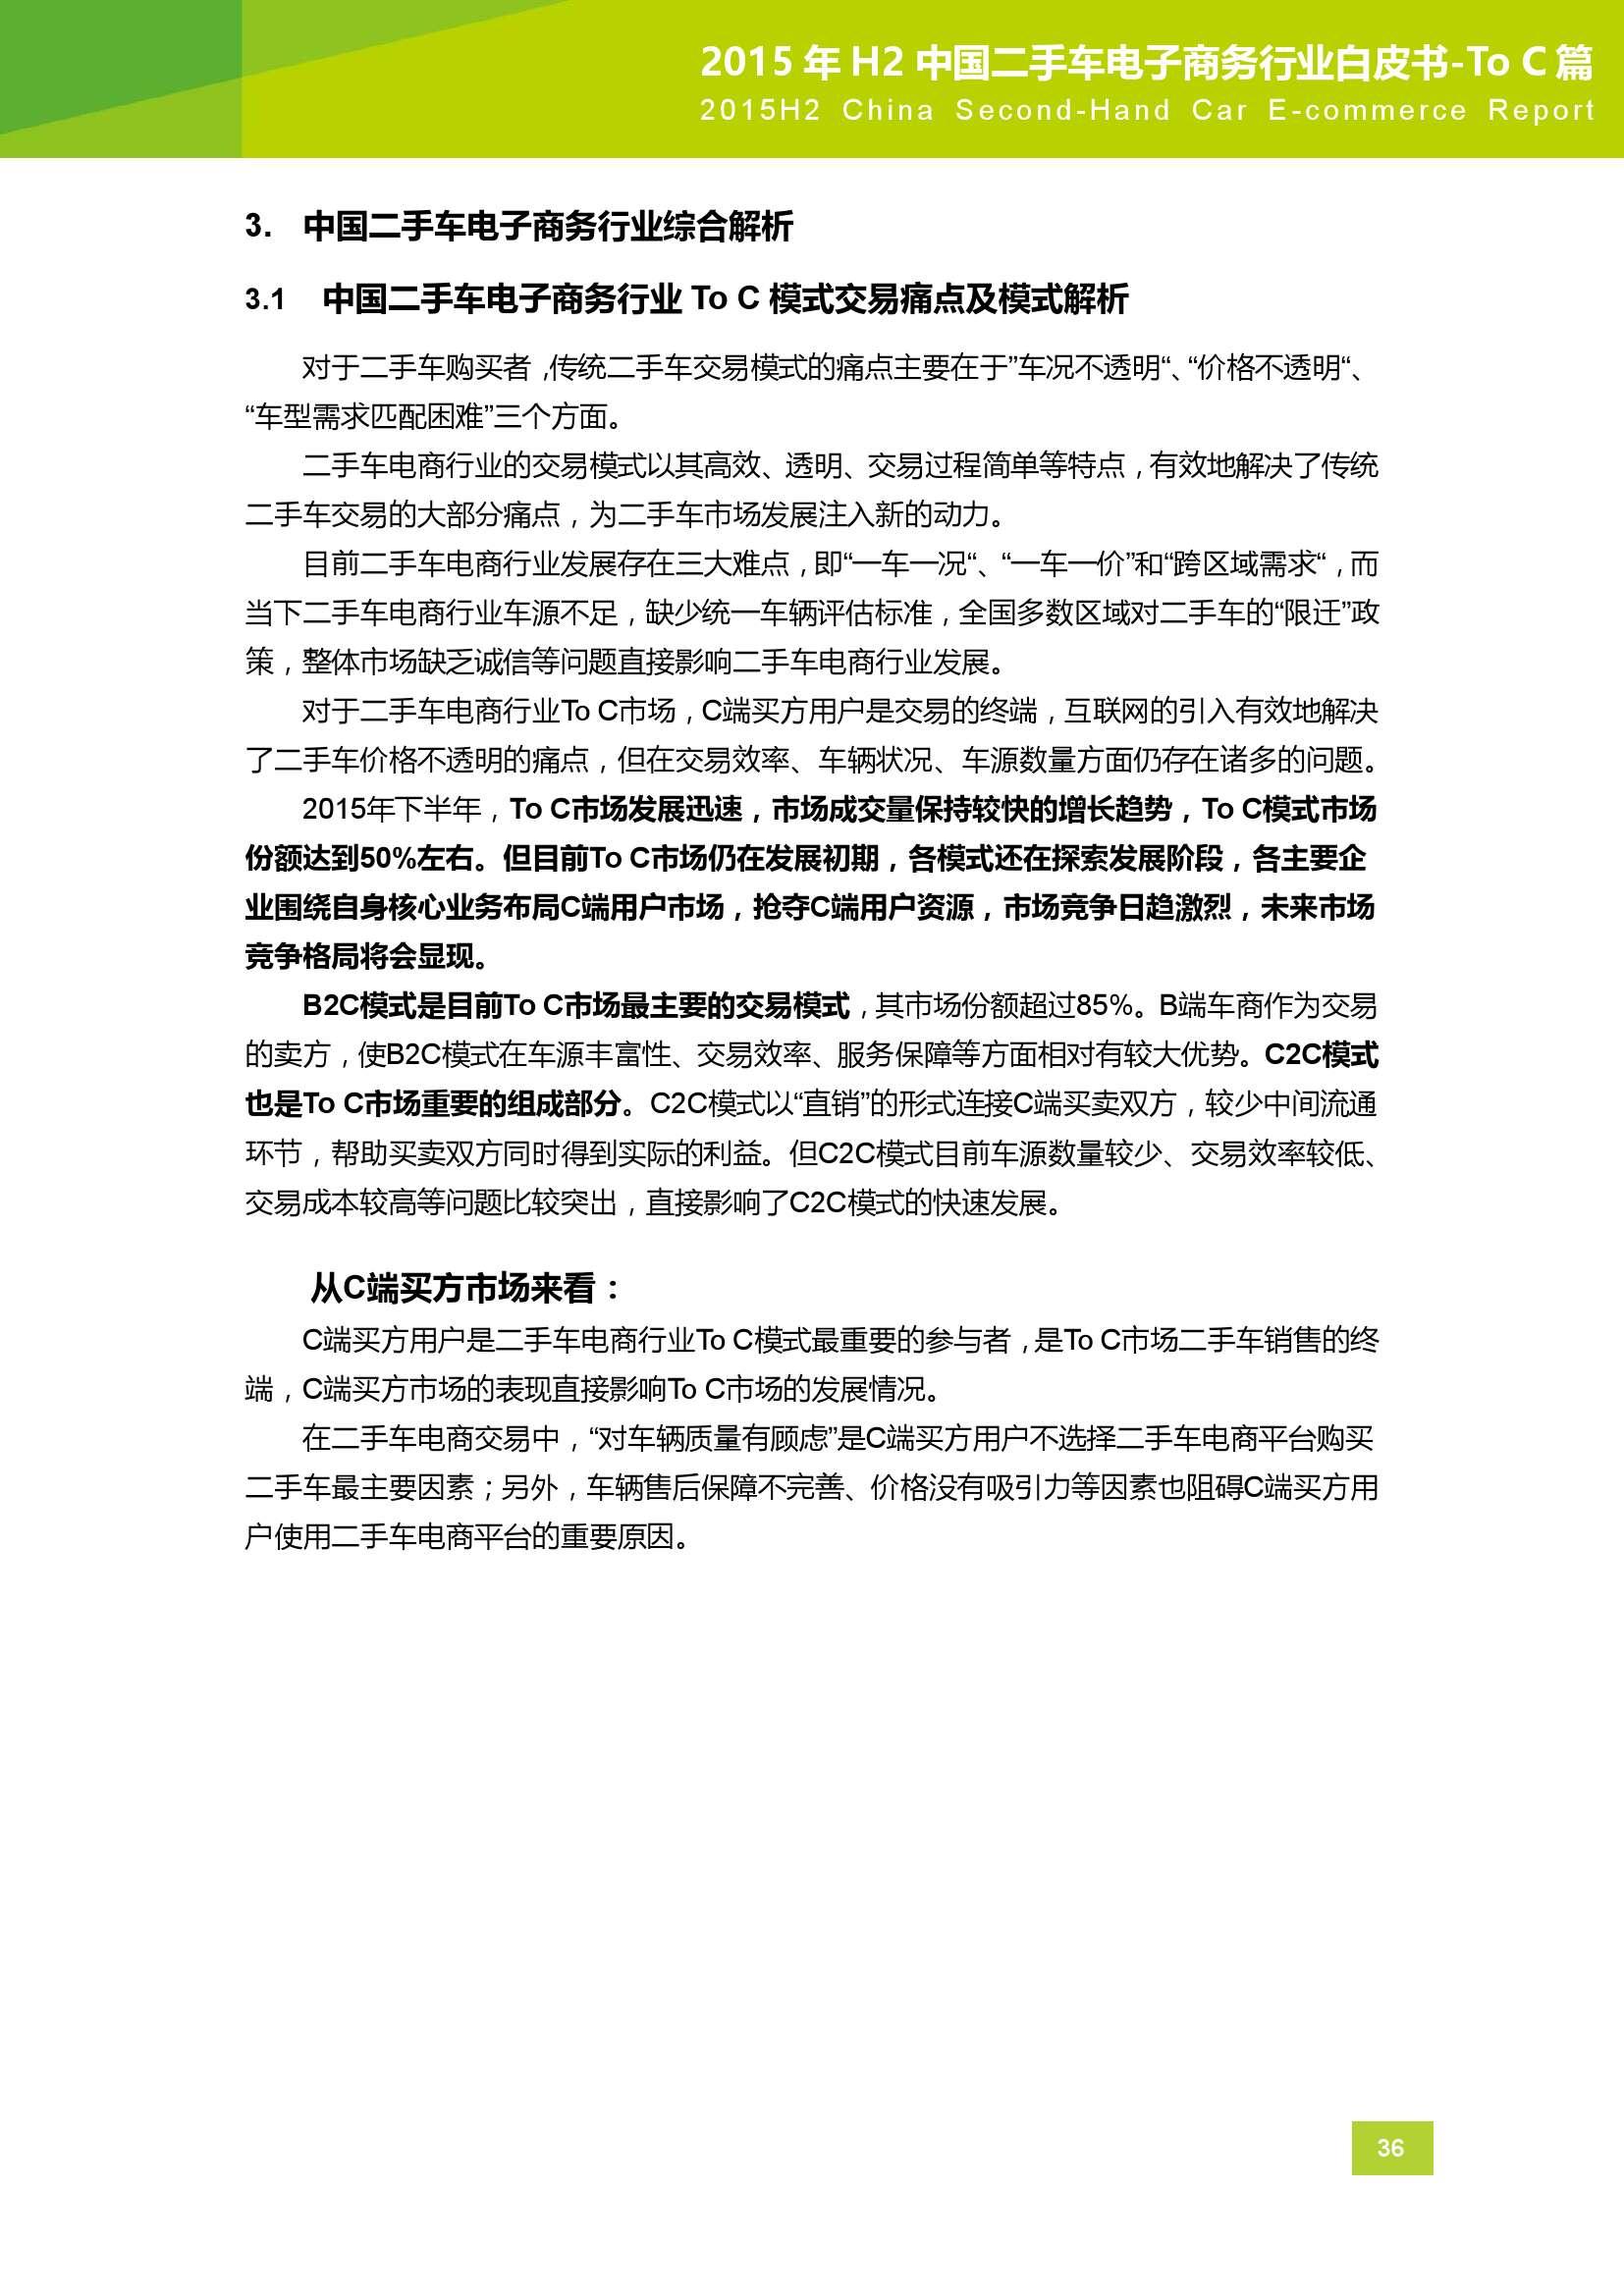 2015年H2中国二手车电子商务行业白皮书_000036